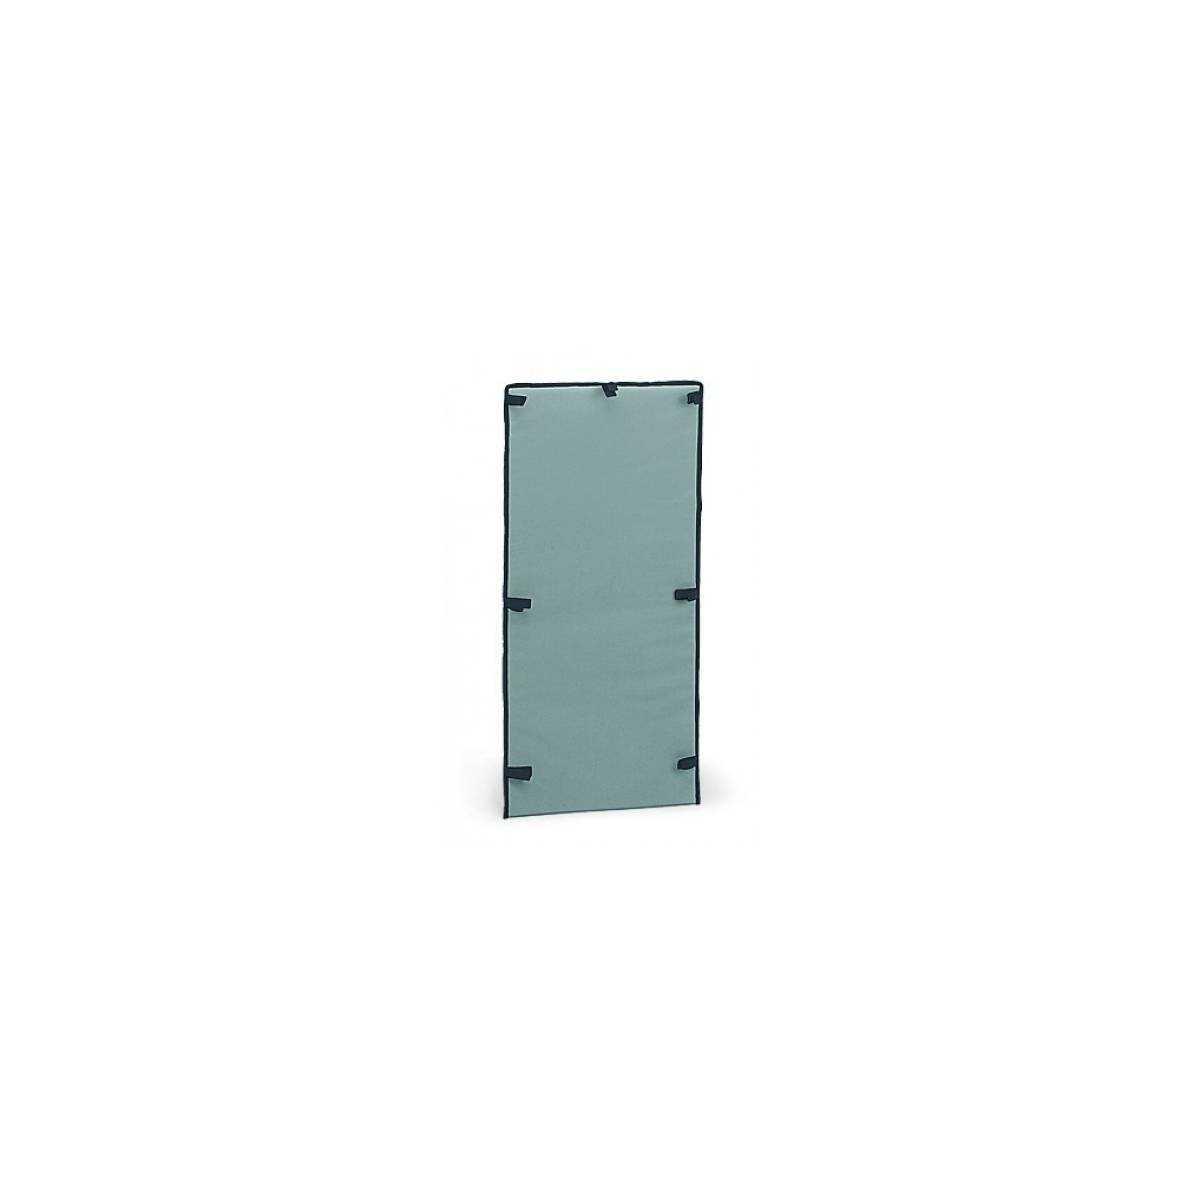 Панель задняя для тележек Green Hotel 940 (3674) 00003674 TTS